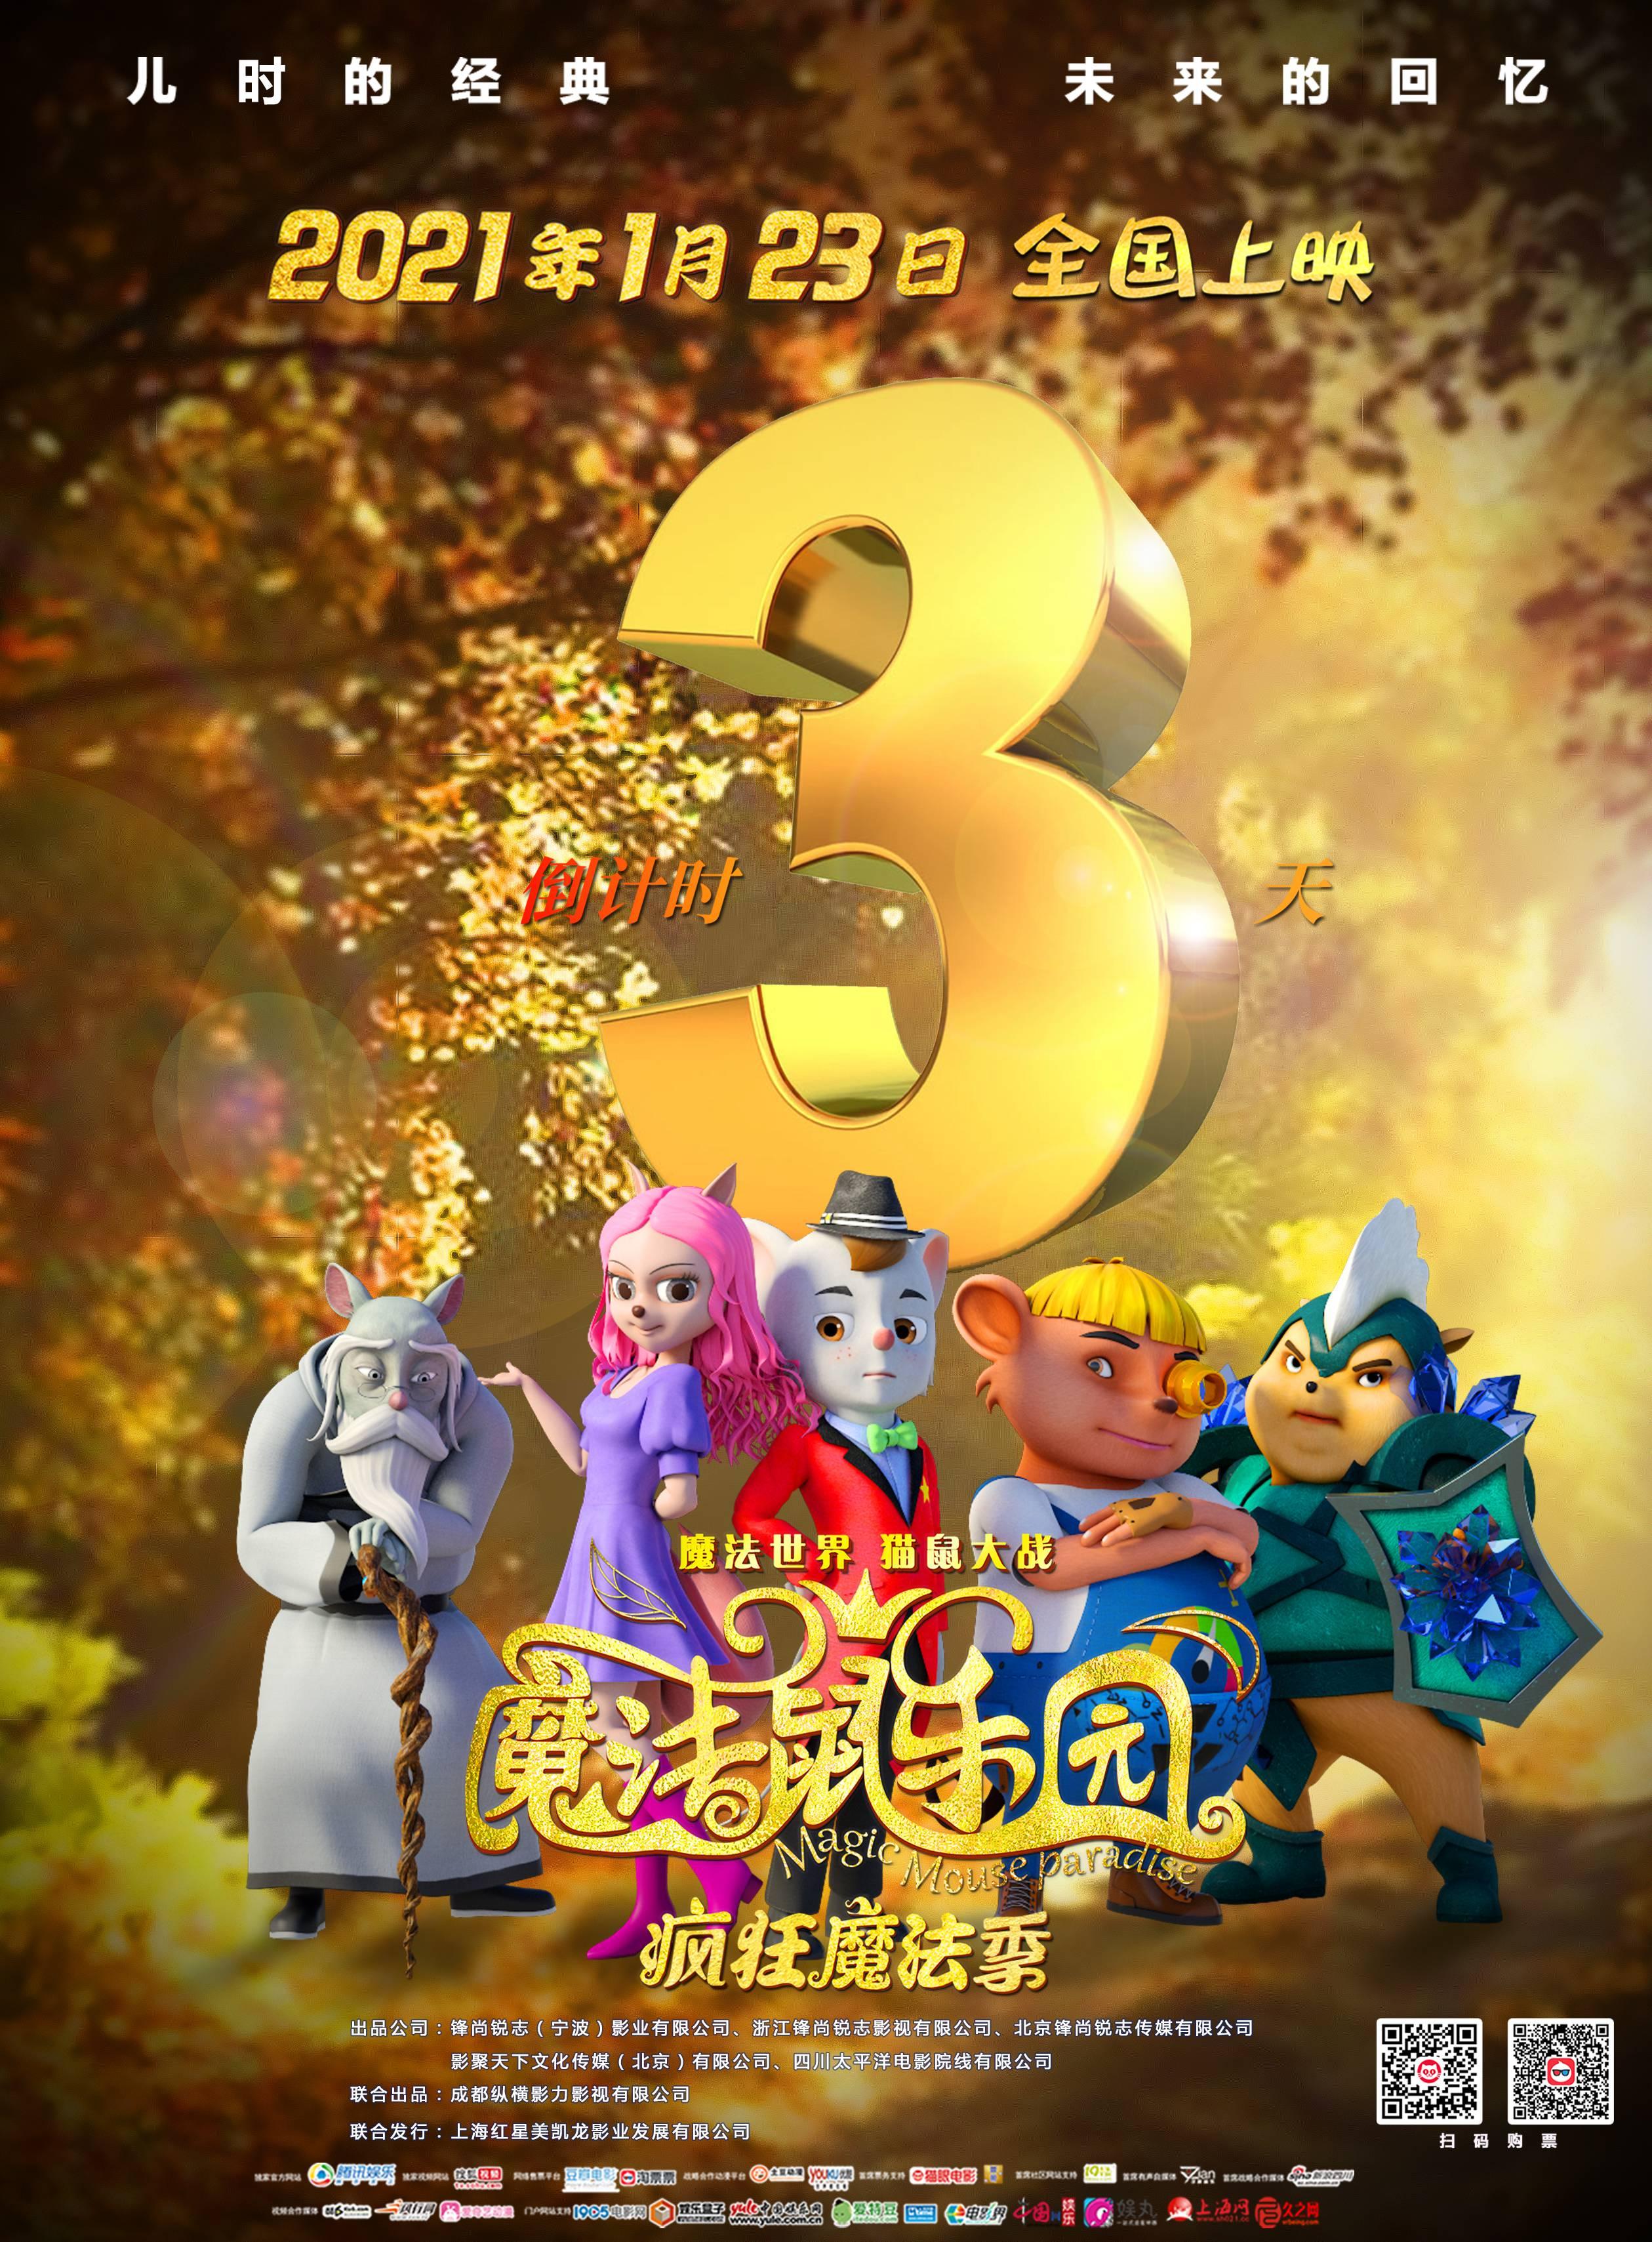 新年一定要看!魔法冒险动画电影《魔法鼠乐园》 1月23日在全国上映